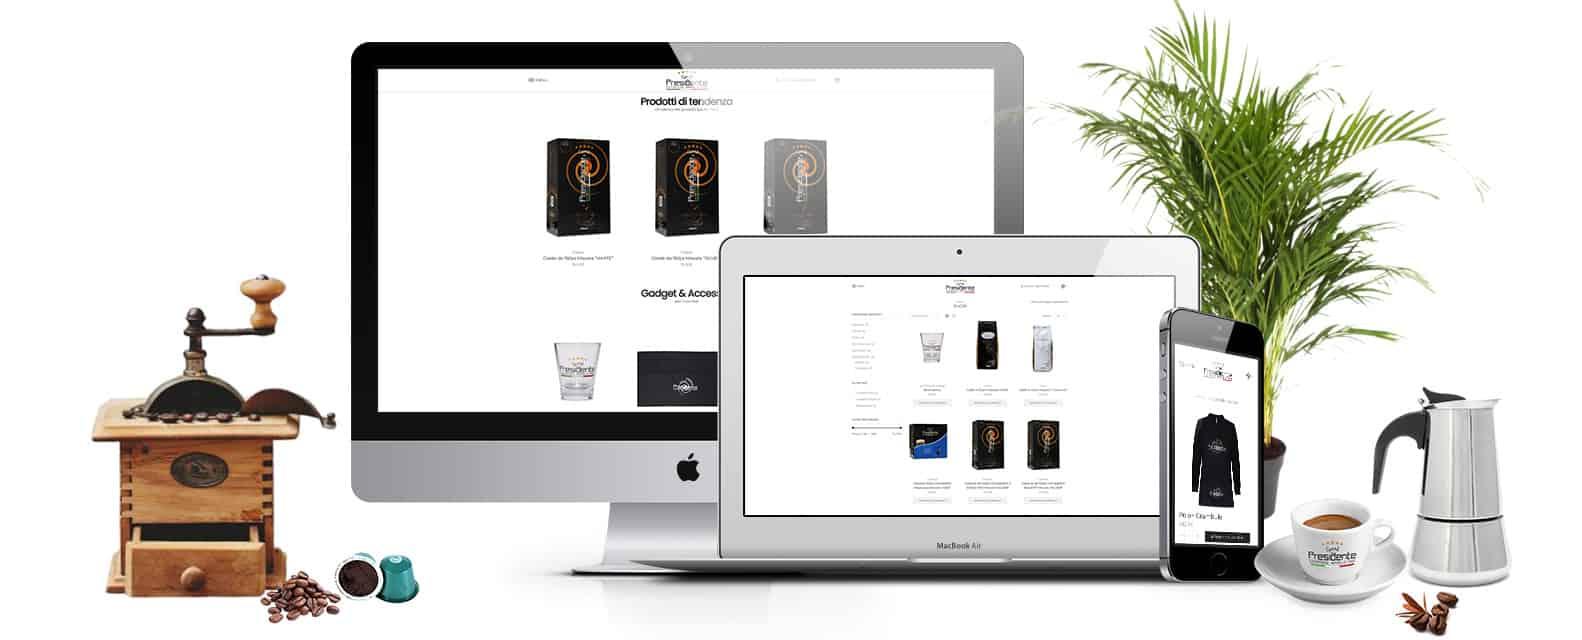 caffedelpresidente realizzazione sito ecommerce vendita produzione caffe - Ecommerce vendita e produzione caffè | Caffè del Presidente - Web Agency Napoli Flashex